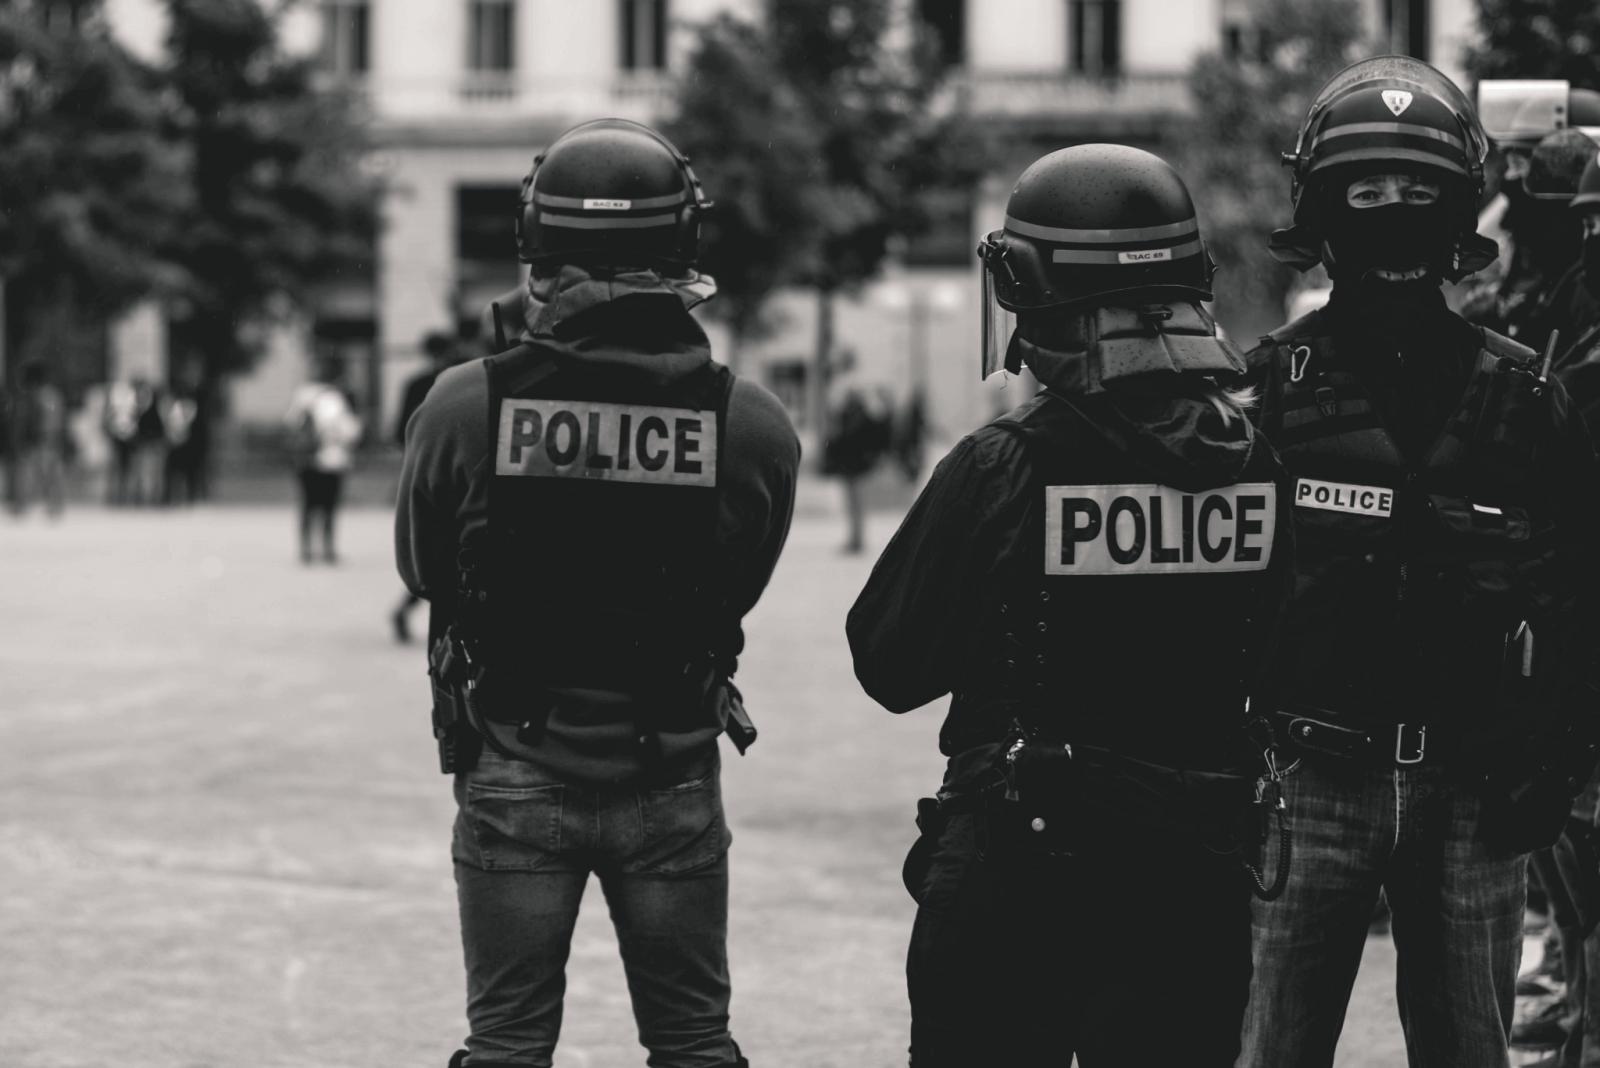 חישוב פנסיה תקציבית משטרה, חישוב פנסיה תקציבית לשוטרים, פנסיה תקציבית שוטרים